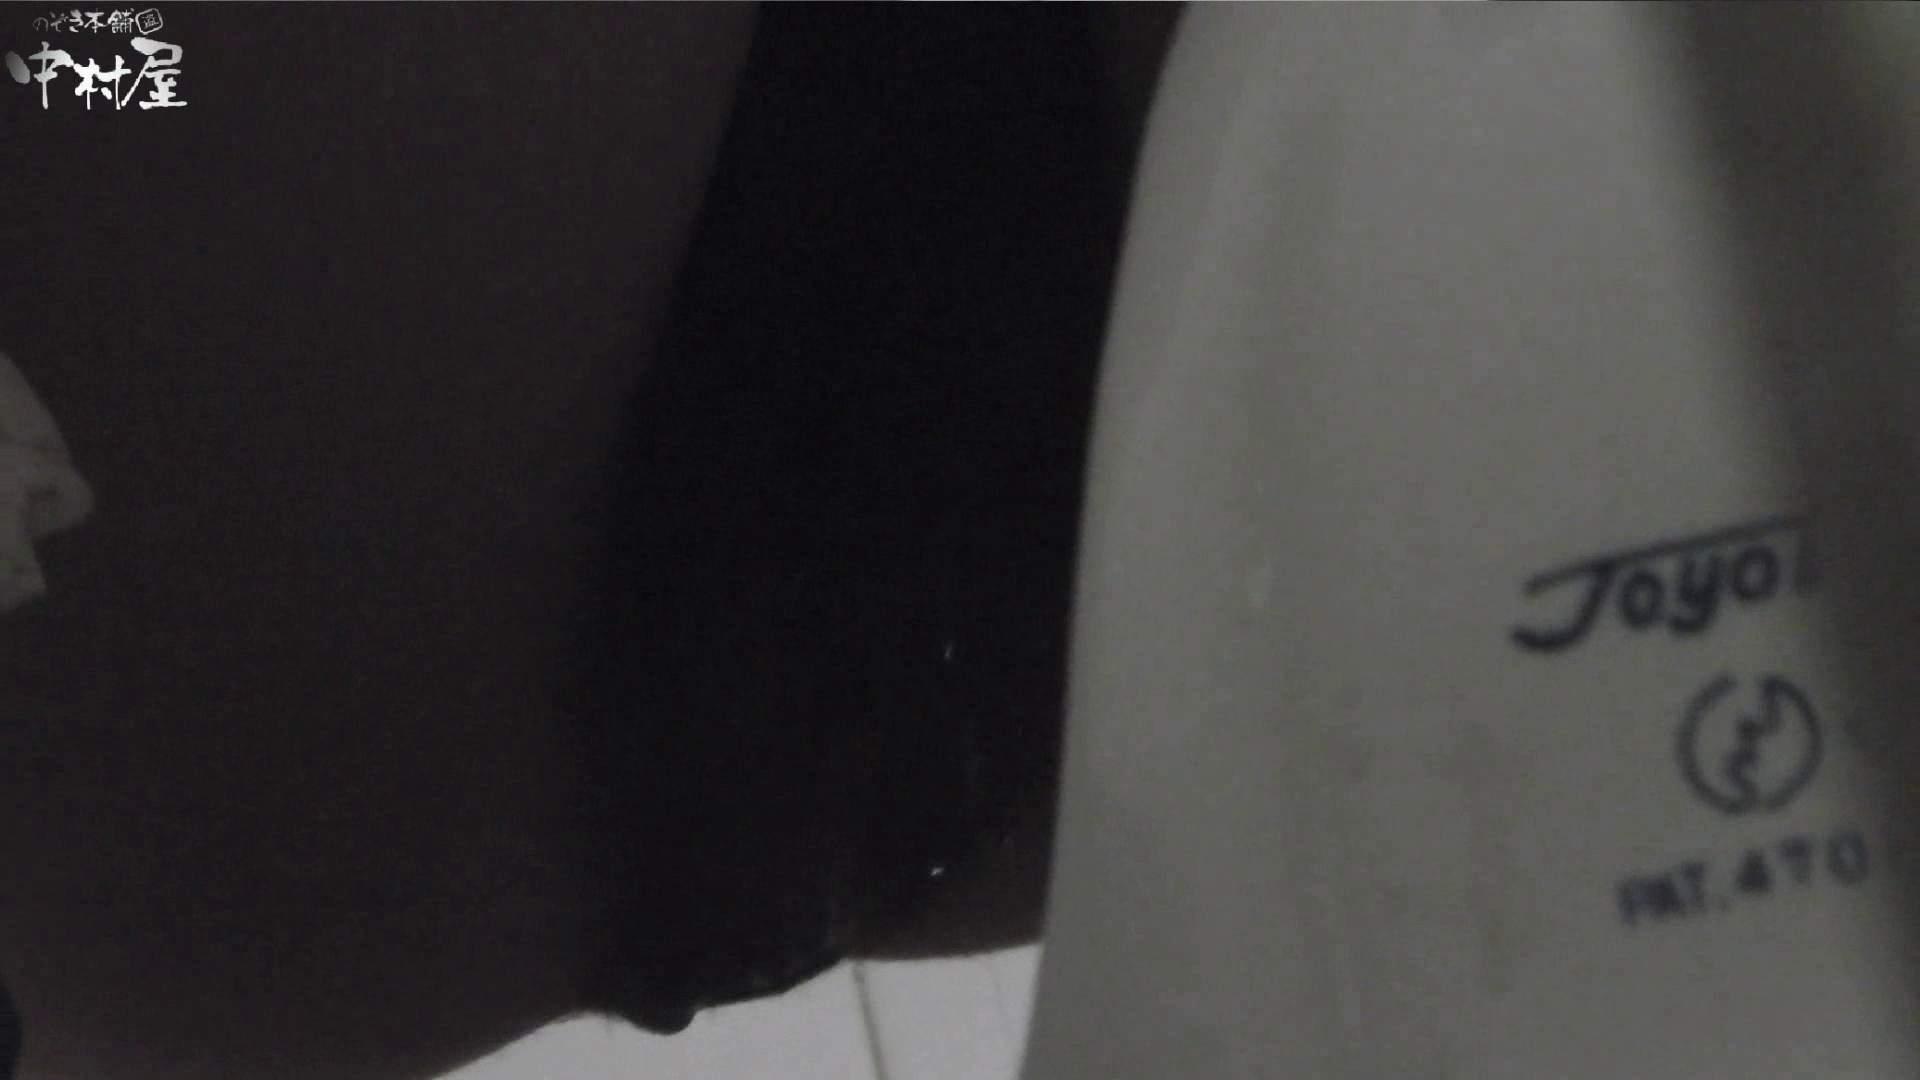 vol.09 命がけ潜伏洗面所! ハミ具さま 美しいOLの裸体 隠し撮りオマンコ動画紹介 104pic 82